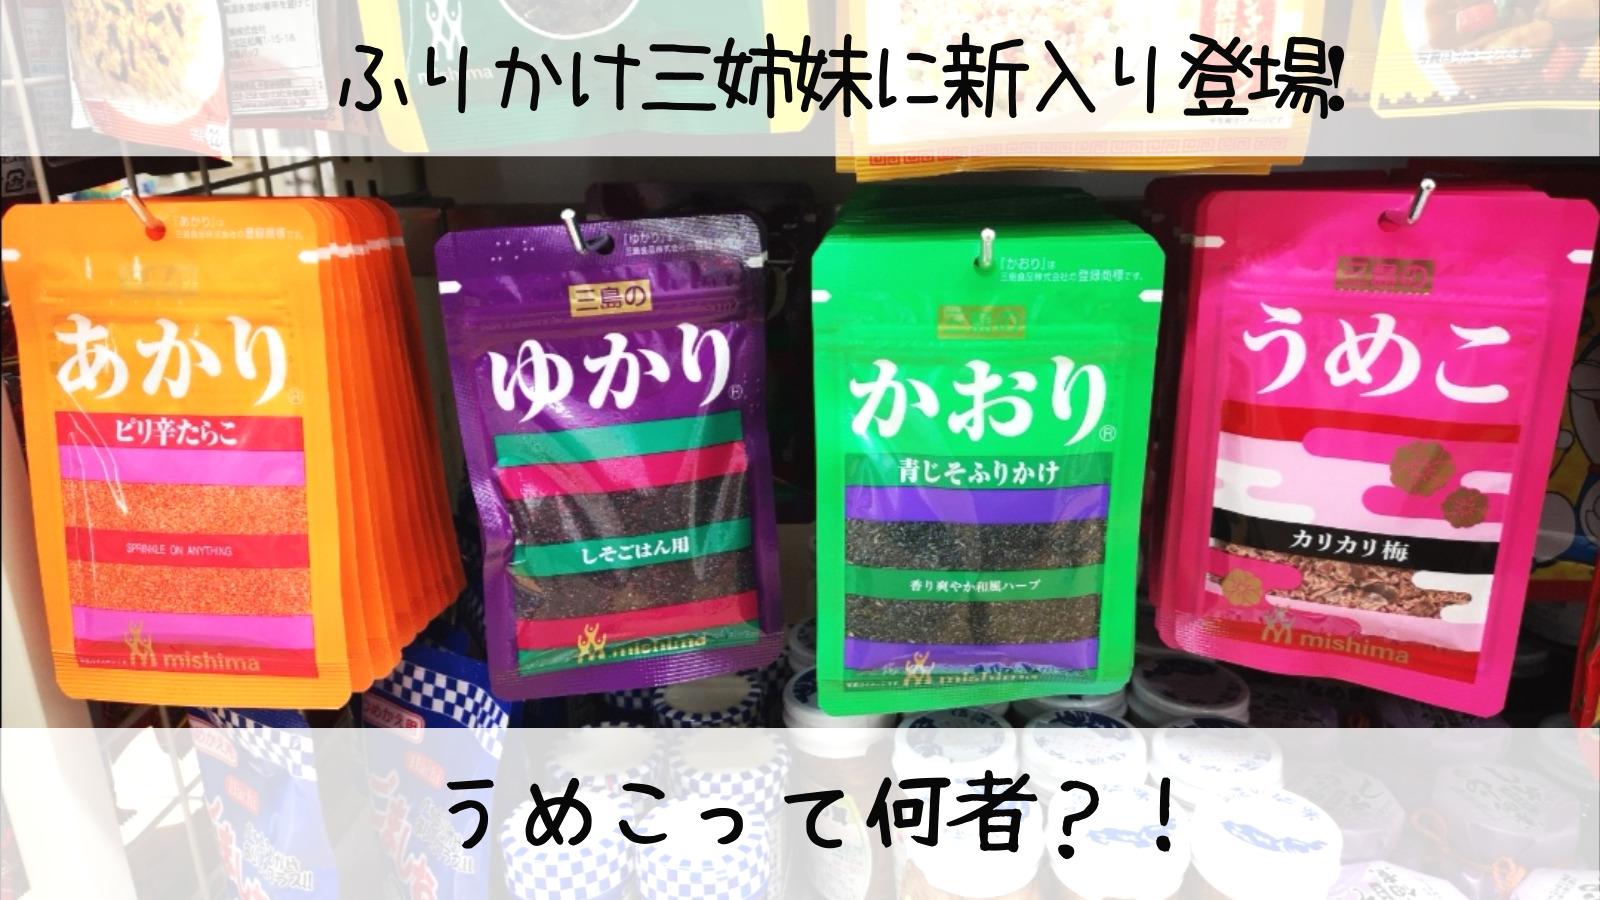 三島食品 ふりかけ3姉妹に新入り登場!!「うめこ」とは??